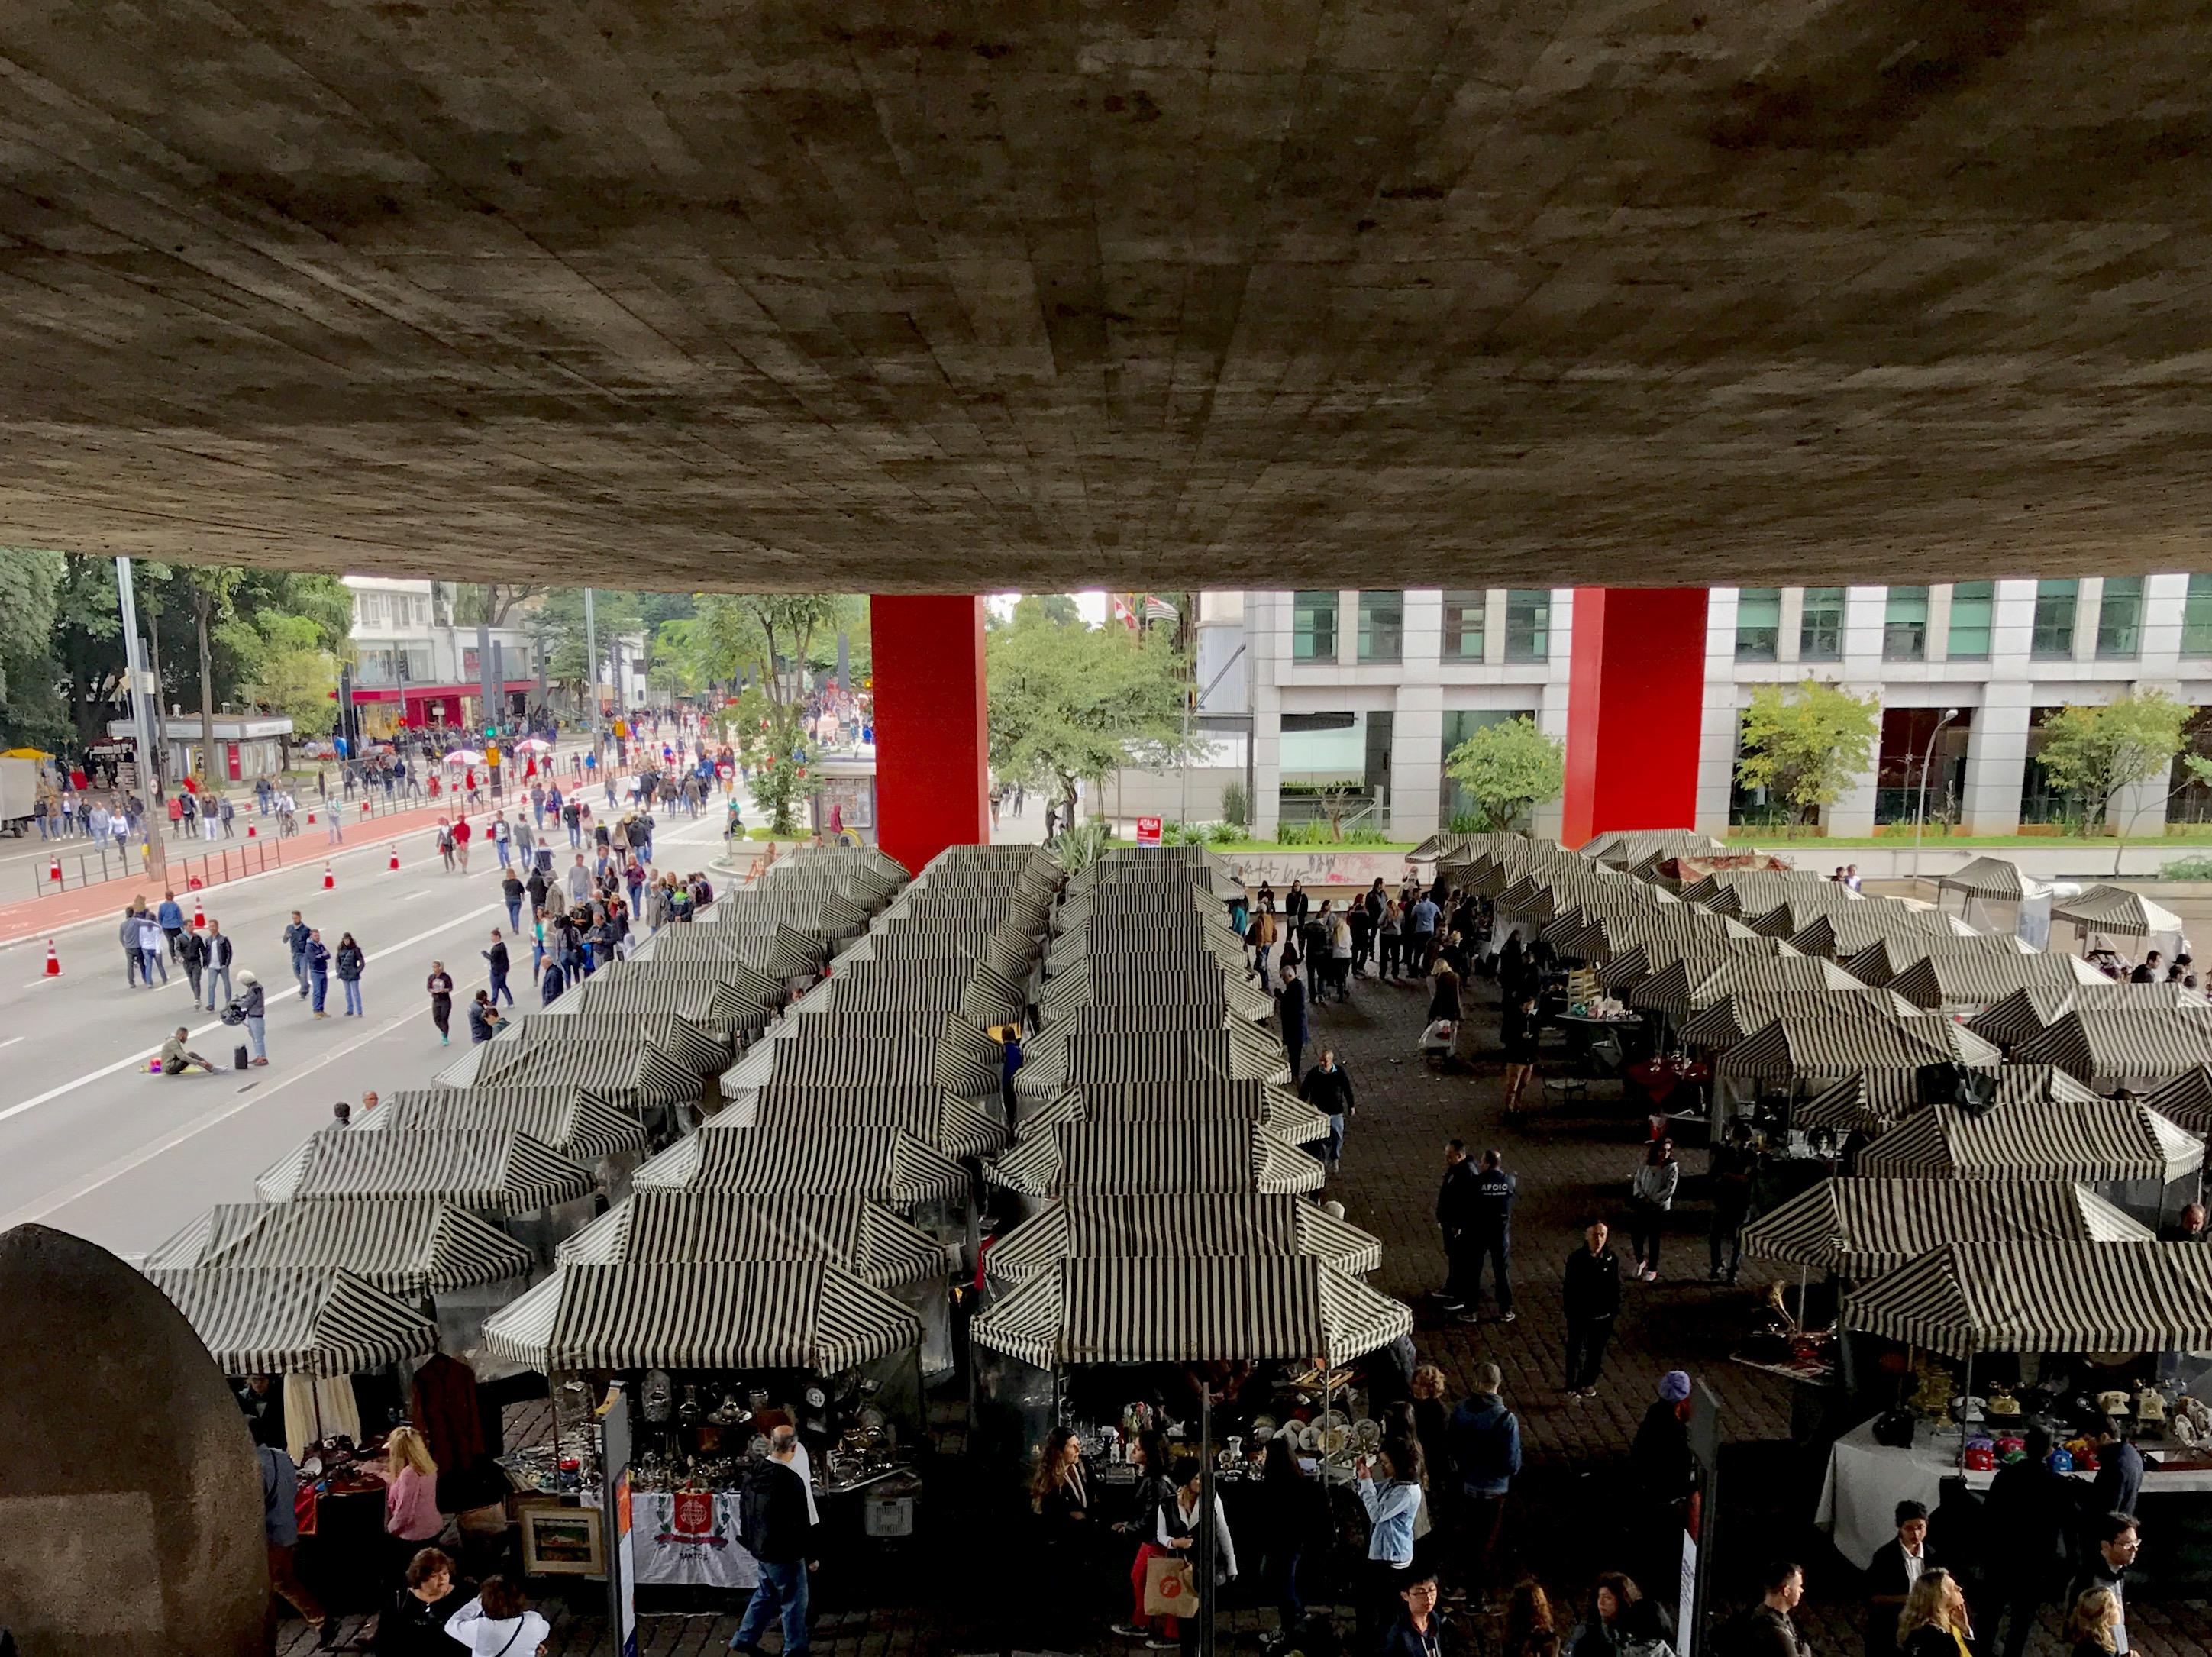 A Feira de Antiguidades acontece todos os domingos no vão livre do MASP há mais de 25 anos - foto: Renato Salles